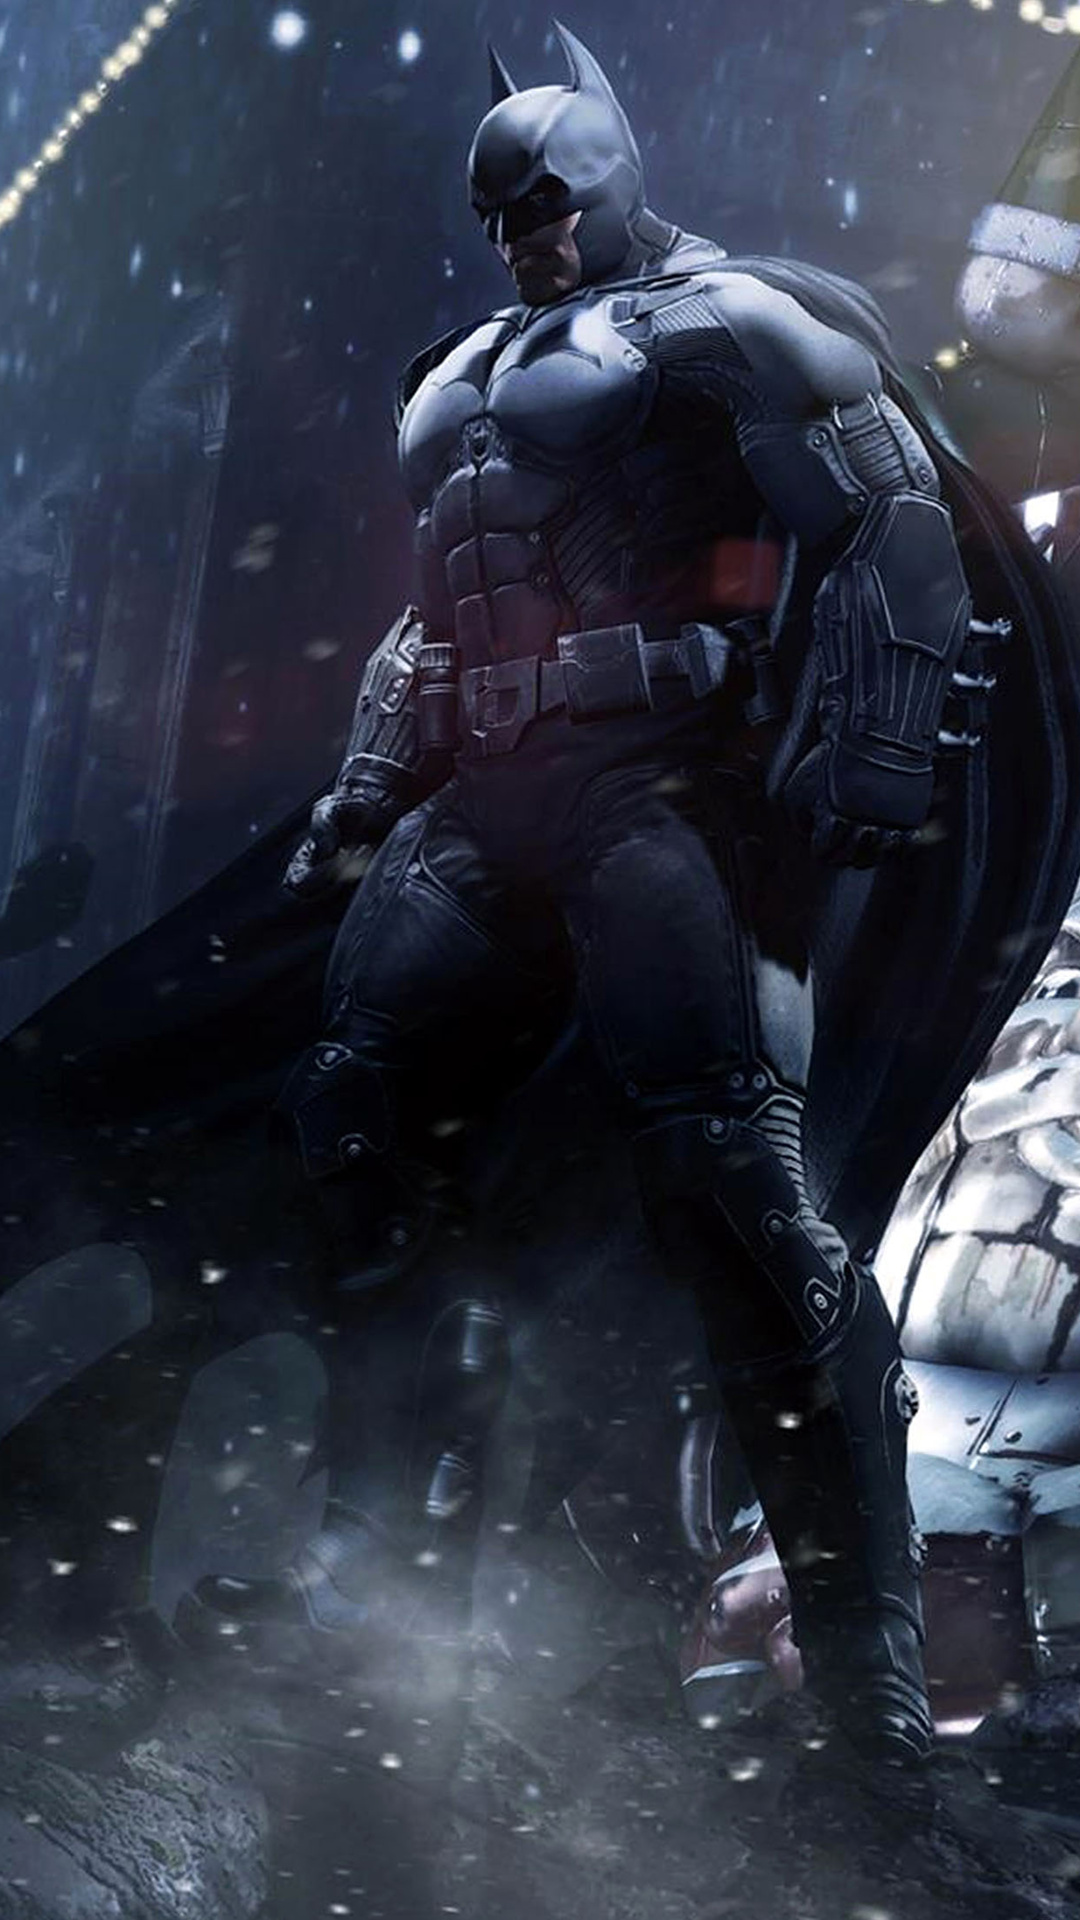 Batman Arkham Origins Hd , HD Wallpaper & Backgrounds